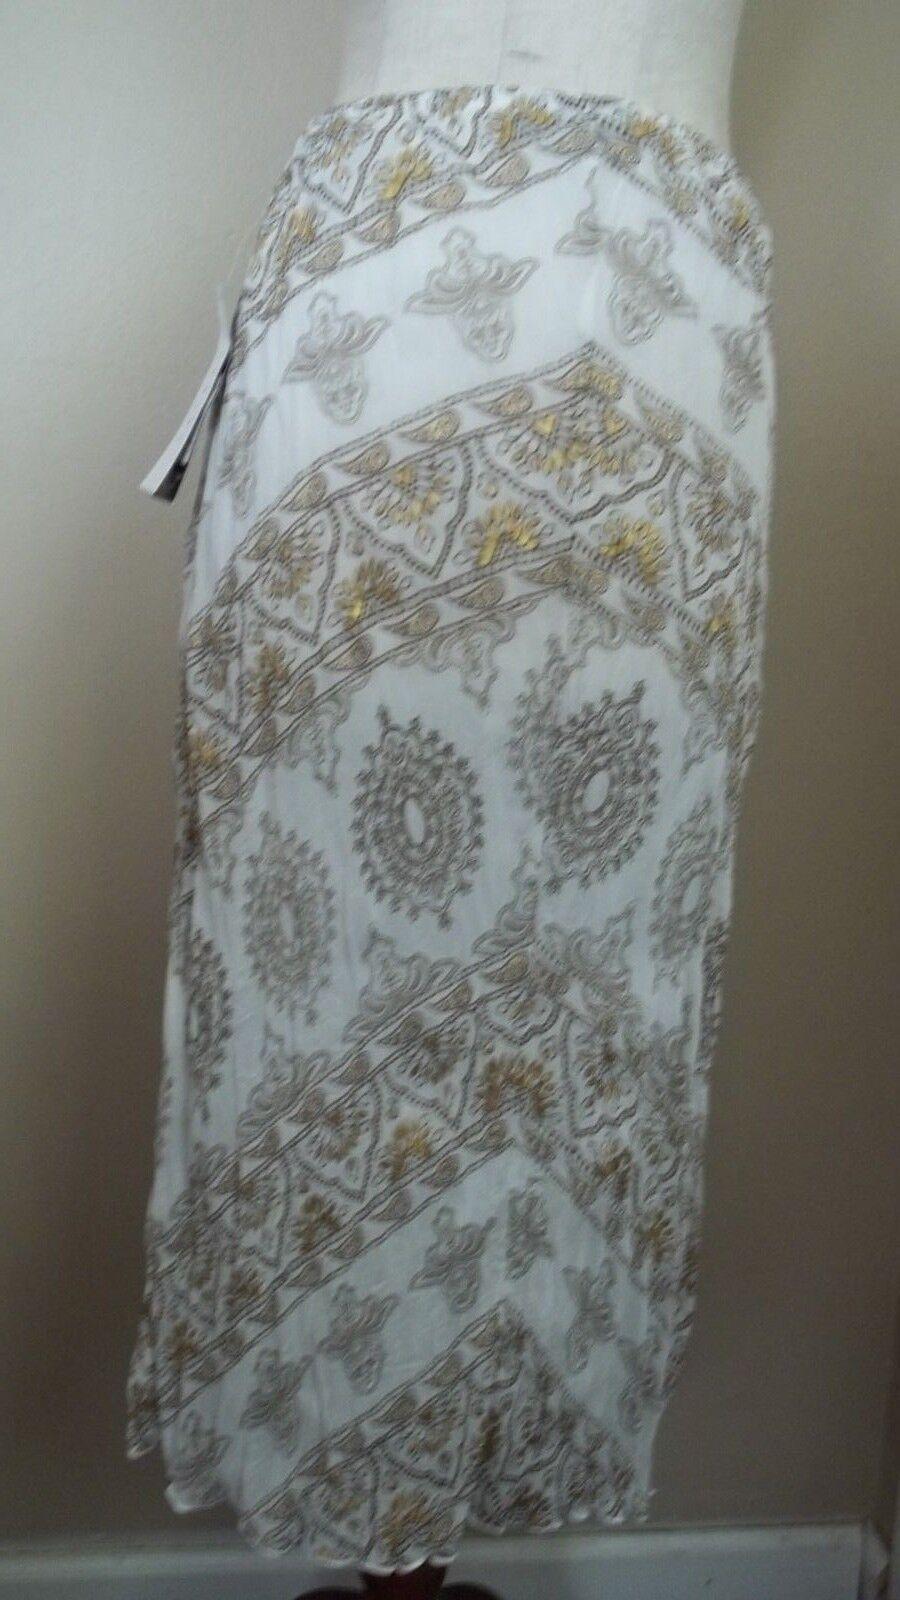 TRIBAL WOMEN'S Elegant Full Skirt - Embellished White & gold - Size M - NEW